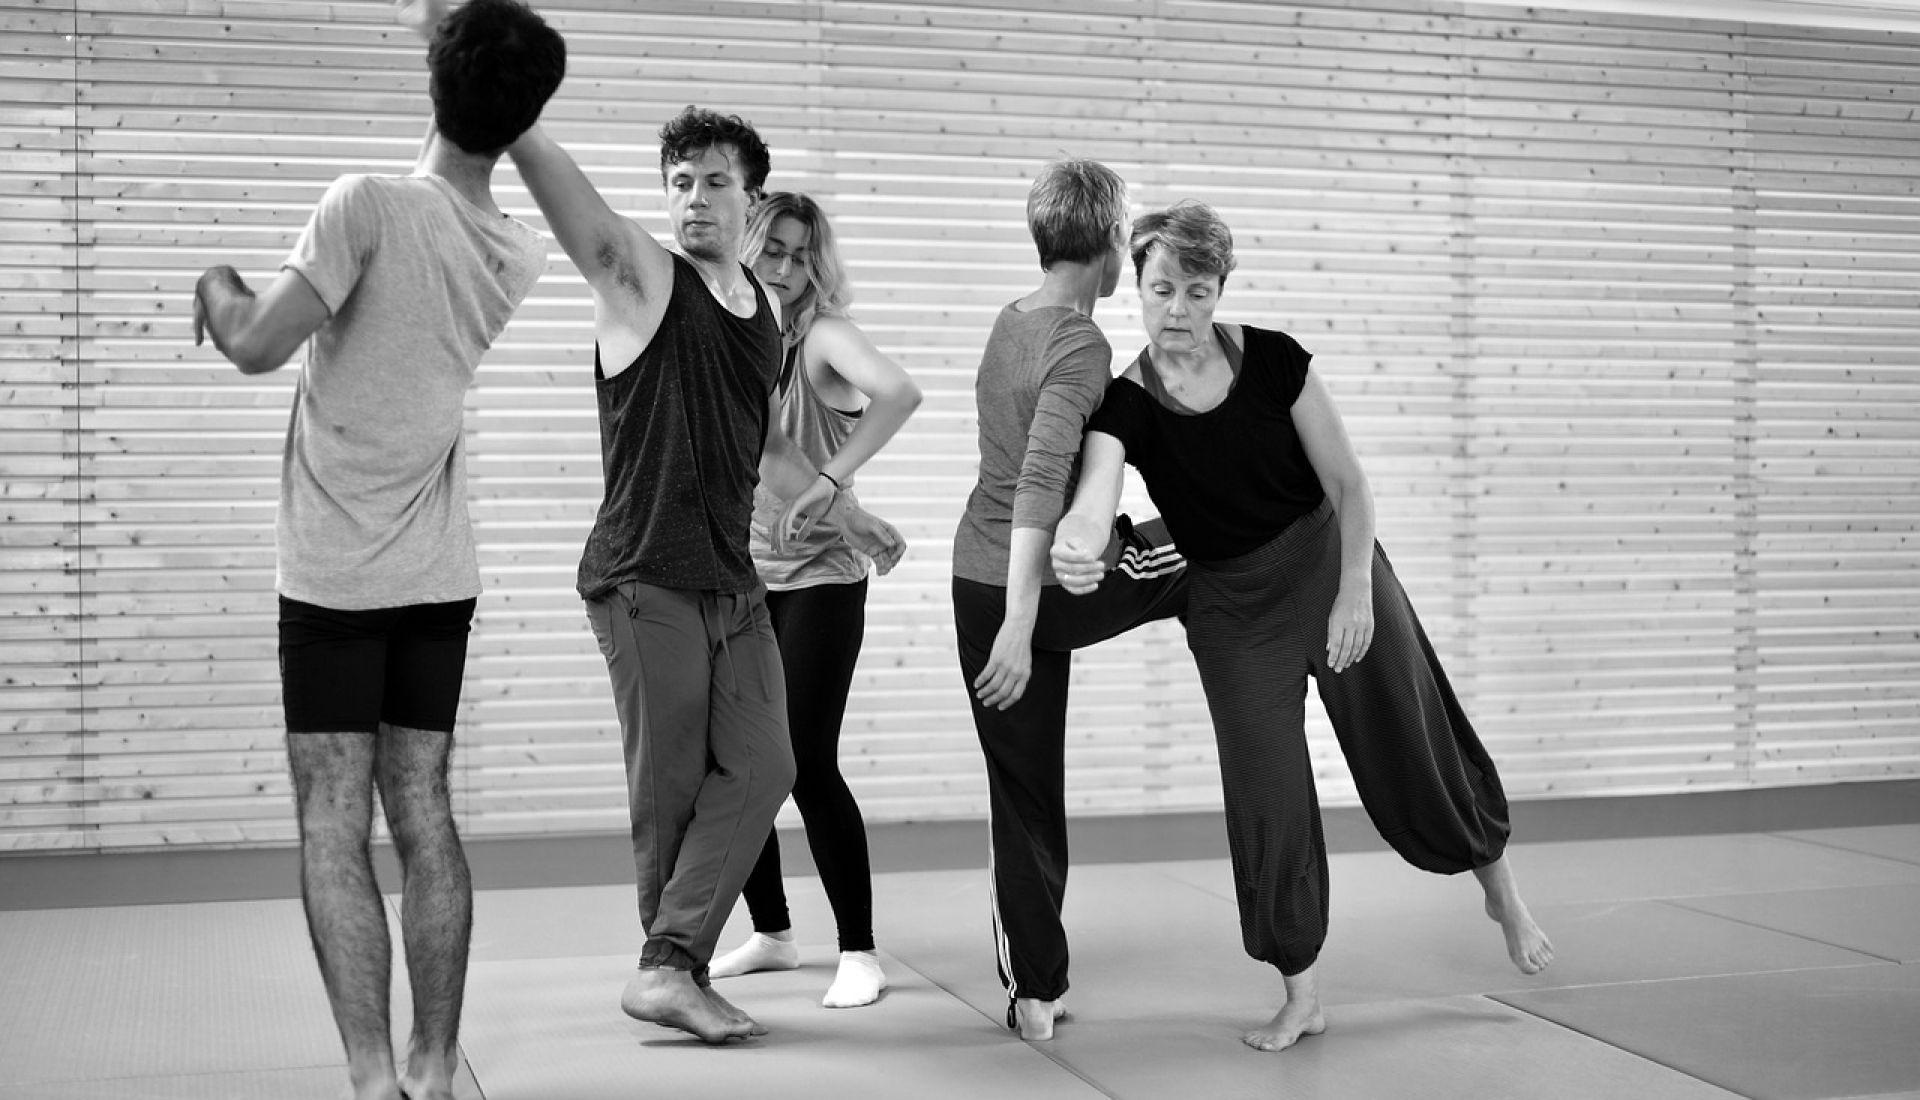 Danse et philosophie - Regards croisés sur le corps dans la danse